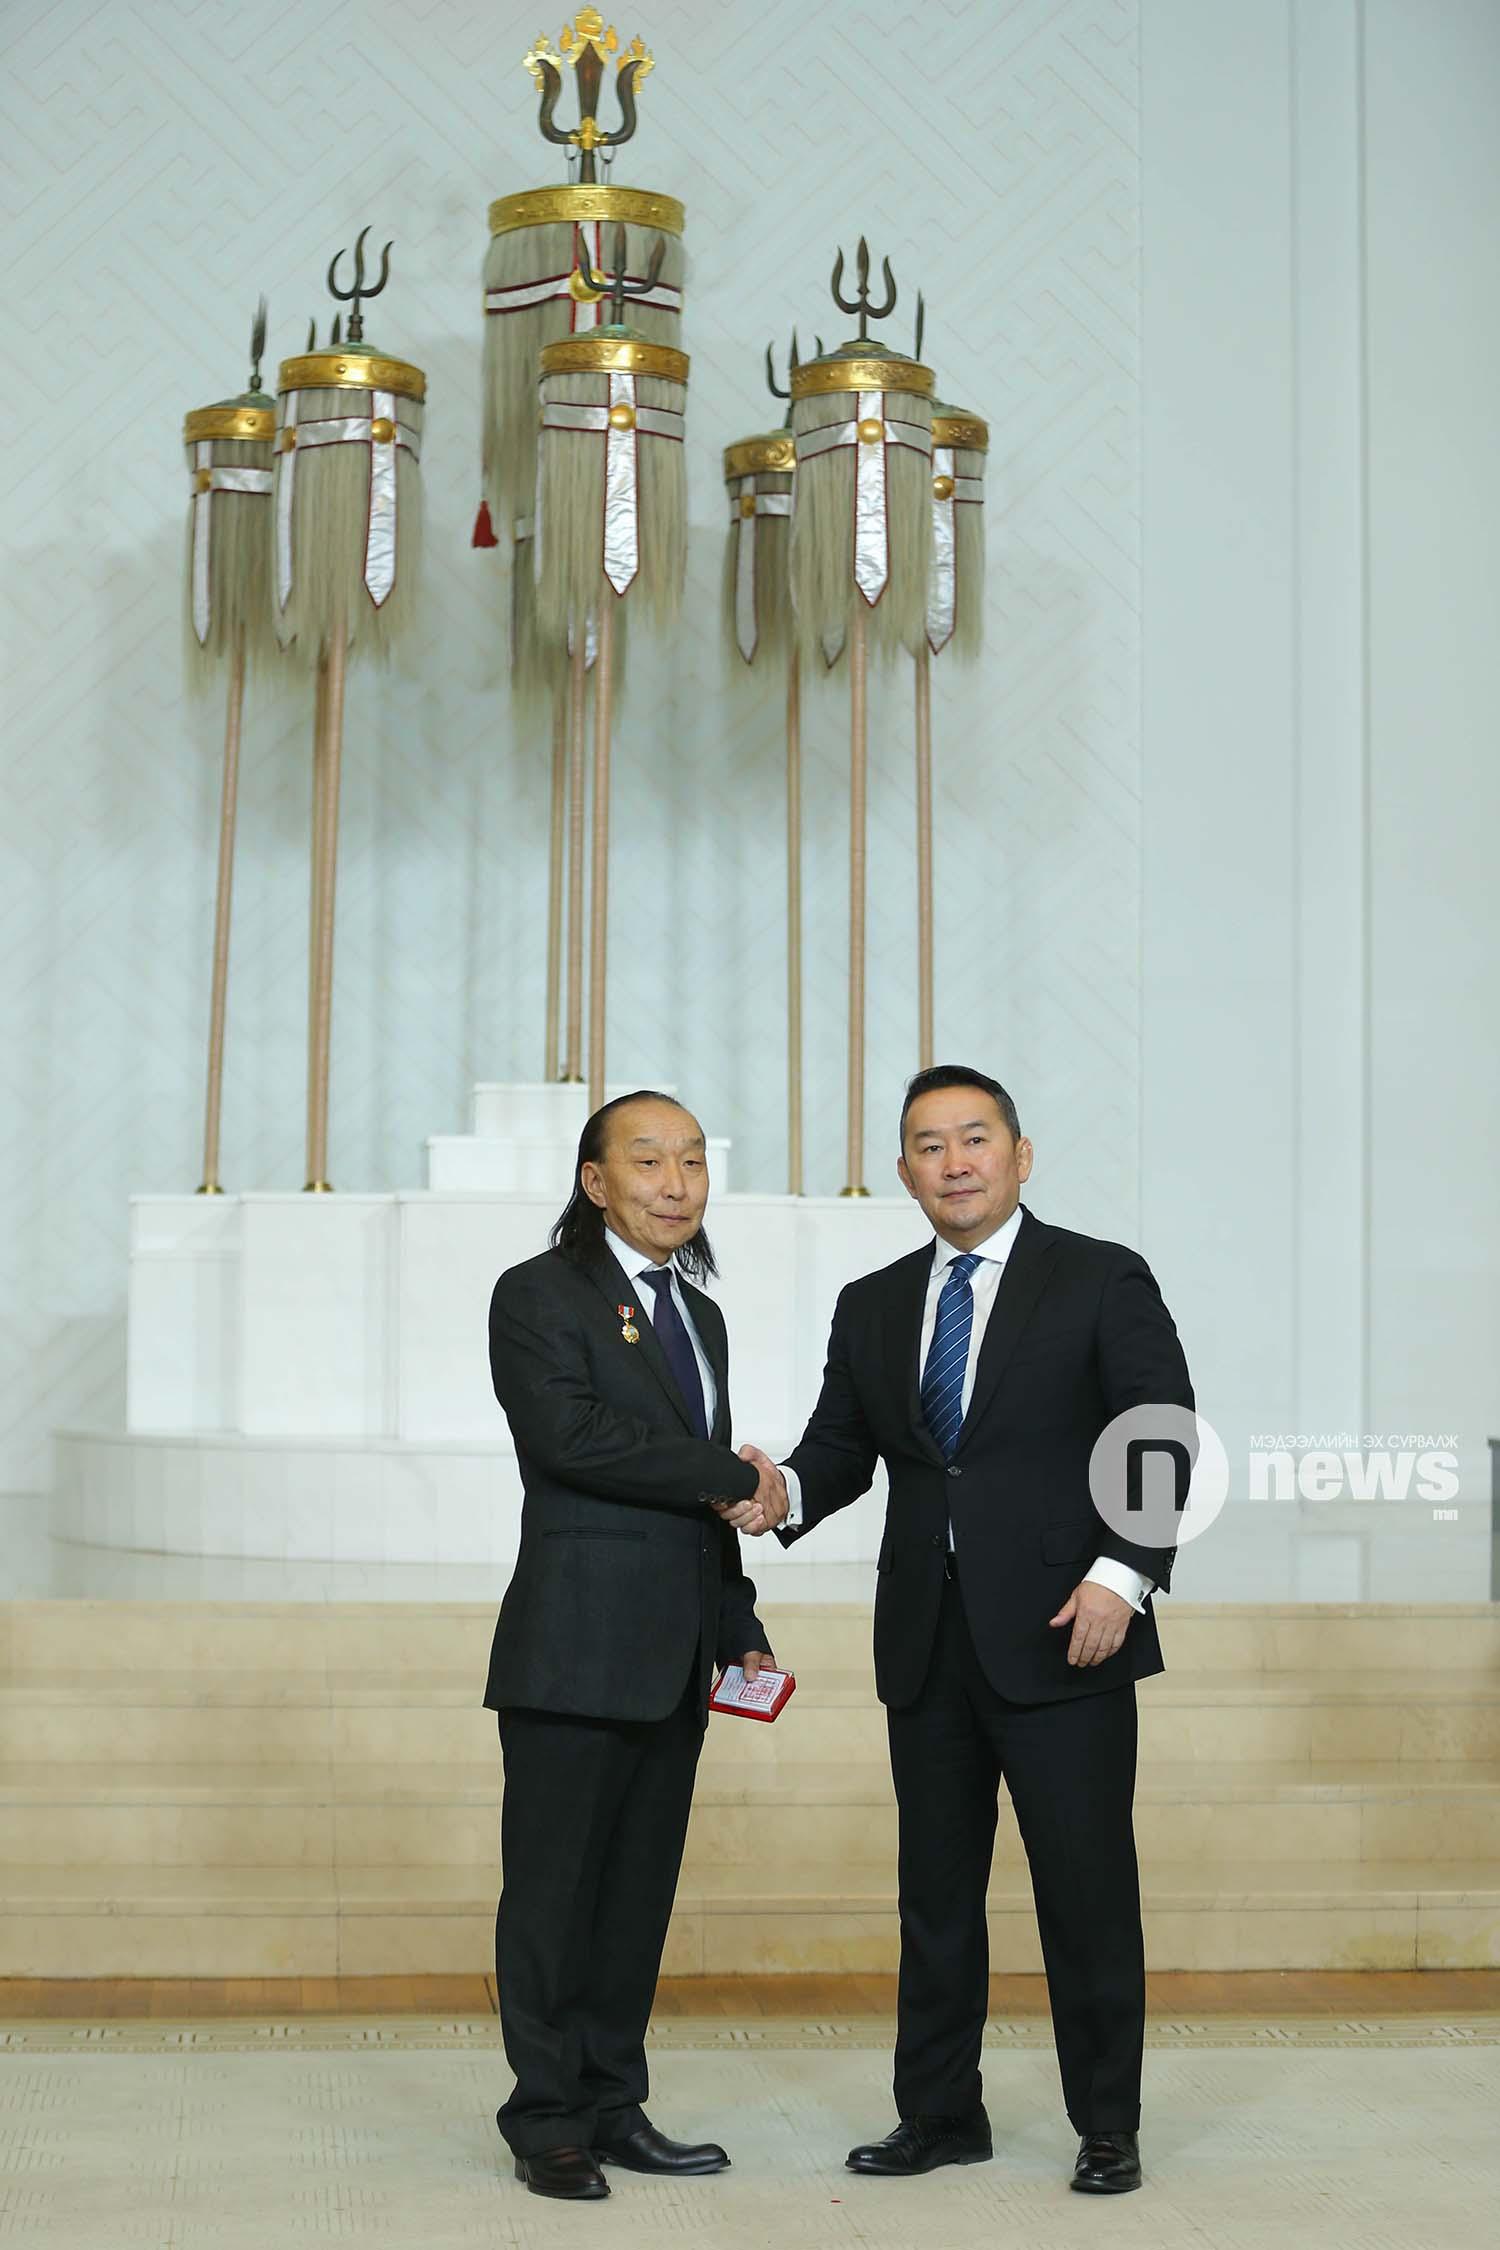 Монгол Улсын Ерөнхийлөгчийн зарлигаар Төрийн дээд одон, медаль гардуулах ёслол (5)